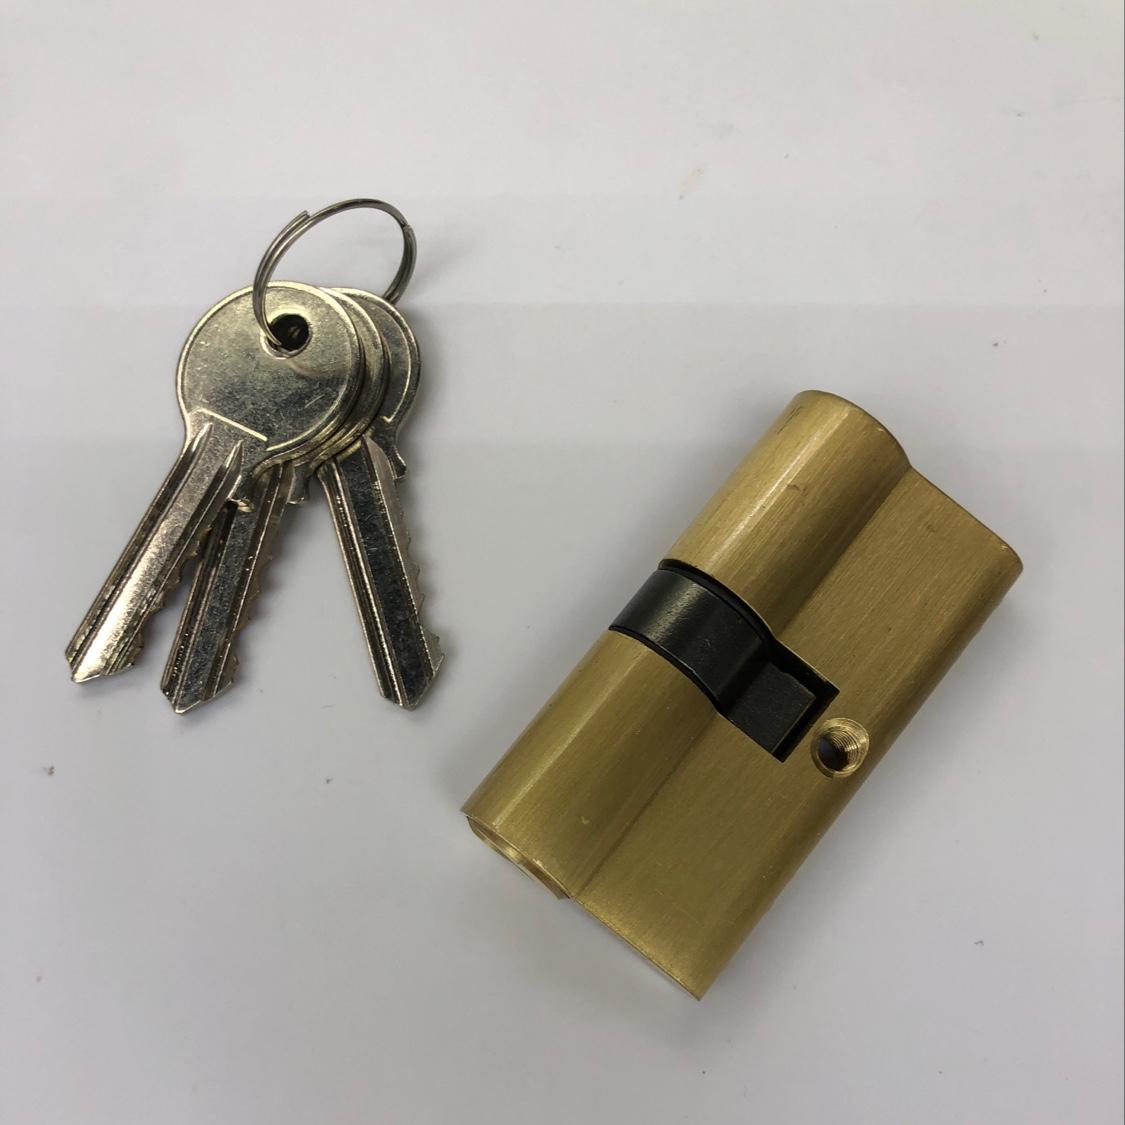 60锁芯通用型锁心执手锁卧室木门室内房间门家用铜房门配件门锁